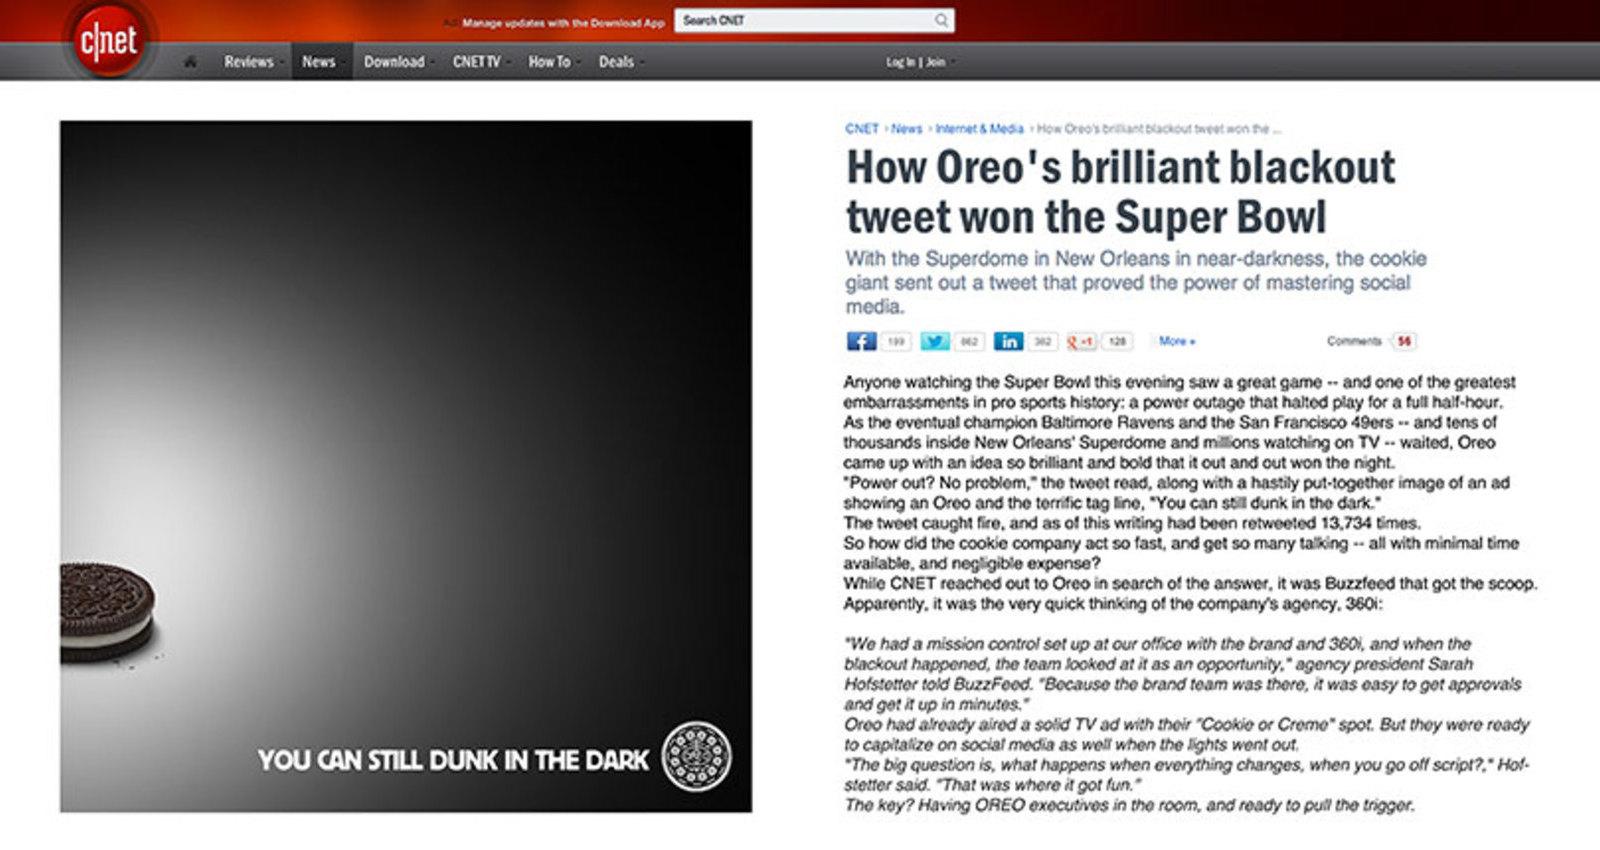 The OREO Blackout Tweet